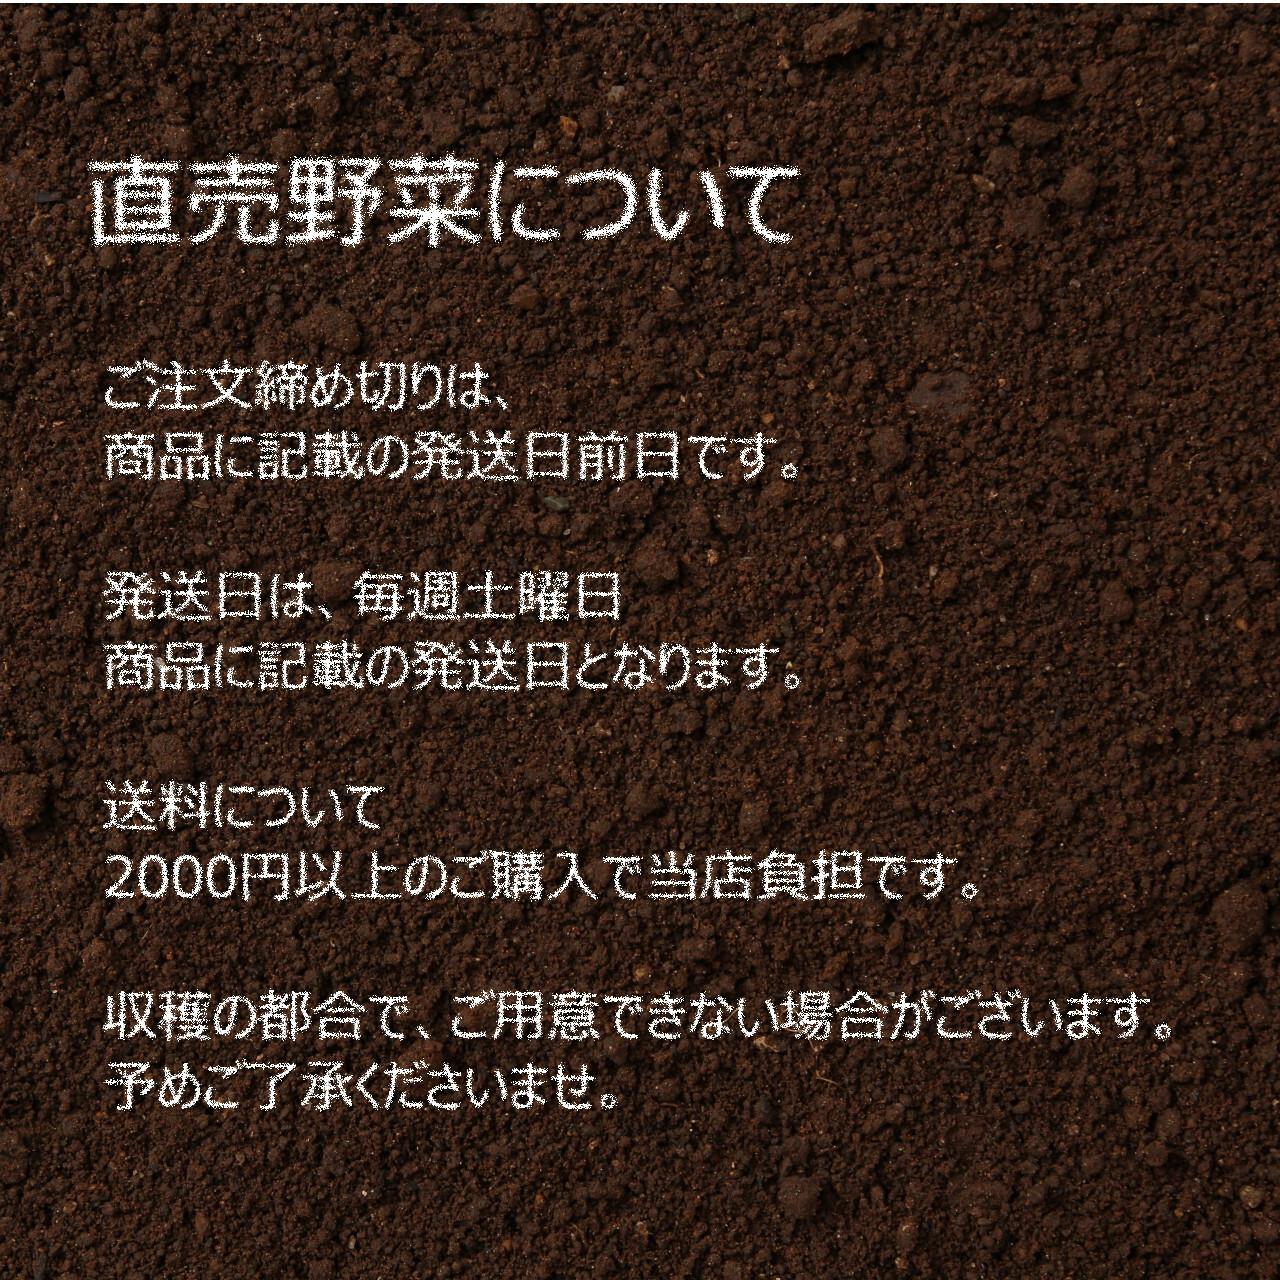 大根 約 1~2本 : 6月の朝採り直売野菜 6月15日発送予定